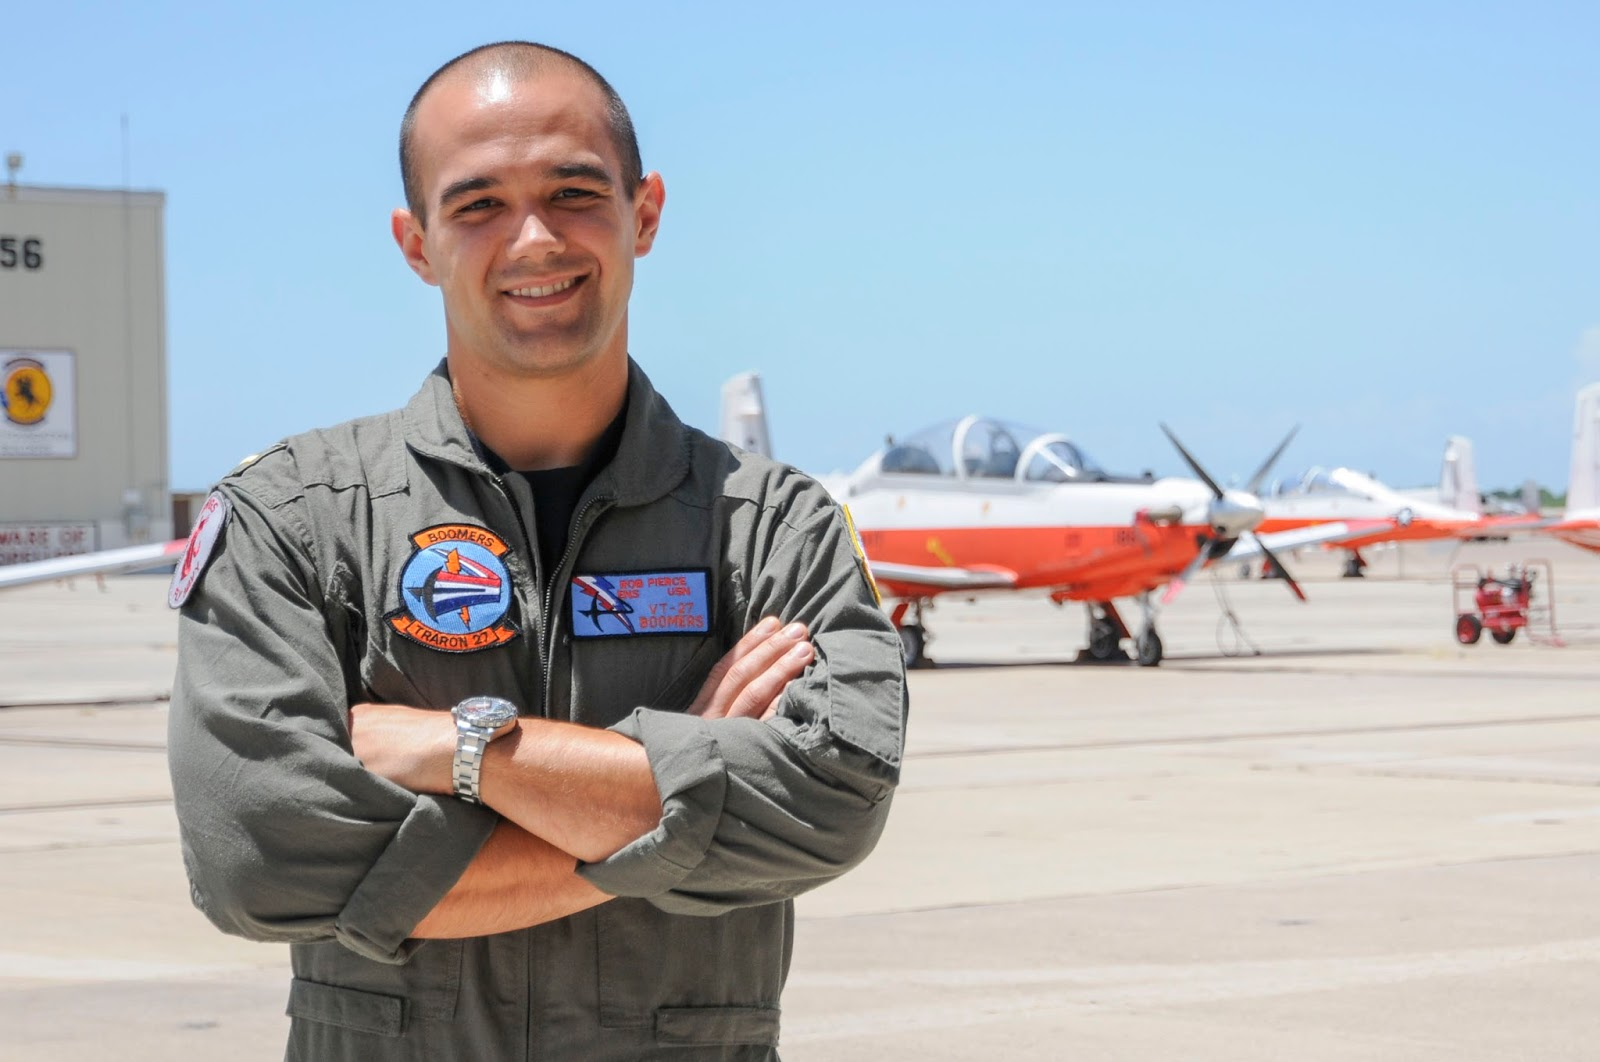 Graduate Robert Pierce standing in front of planes.